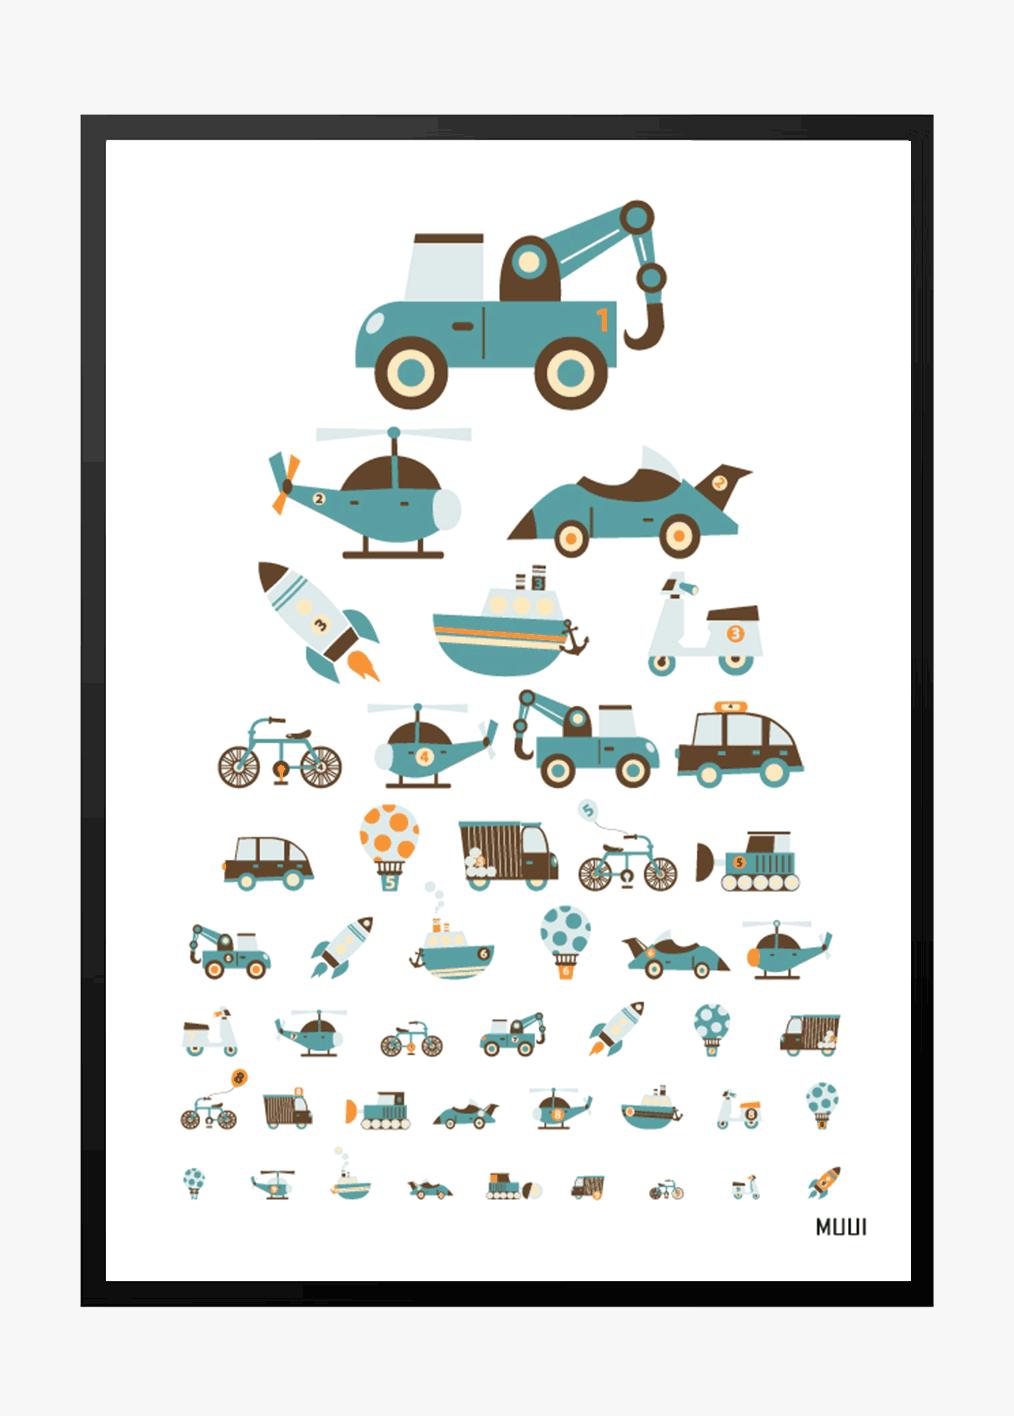 Børneplakat synstavle med cykler, biler, raketter | Cykler, Biler og Børneværelse